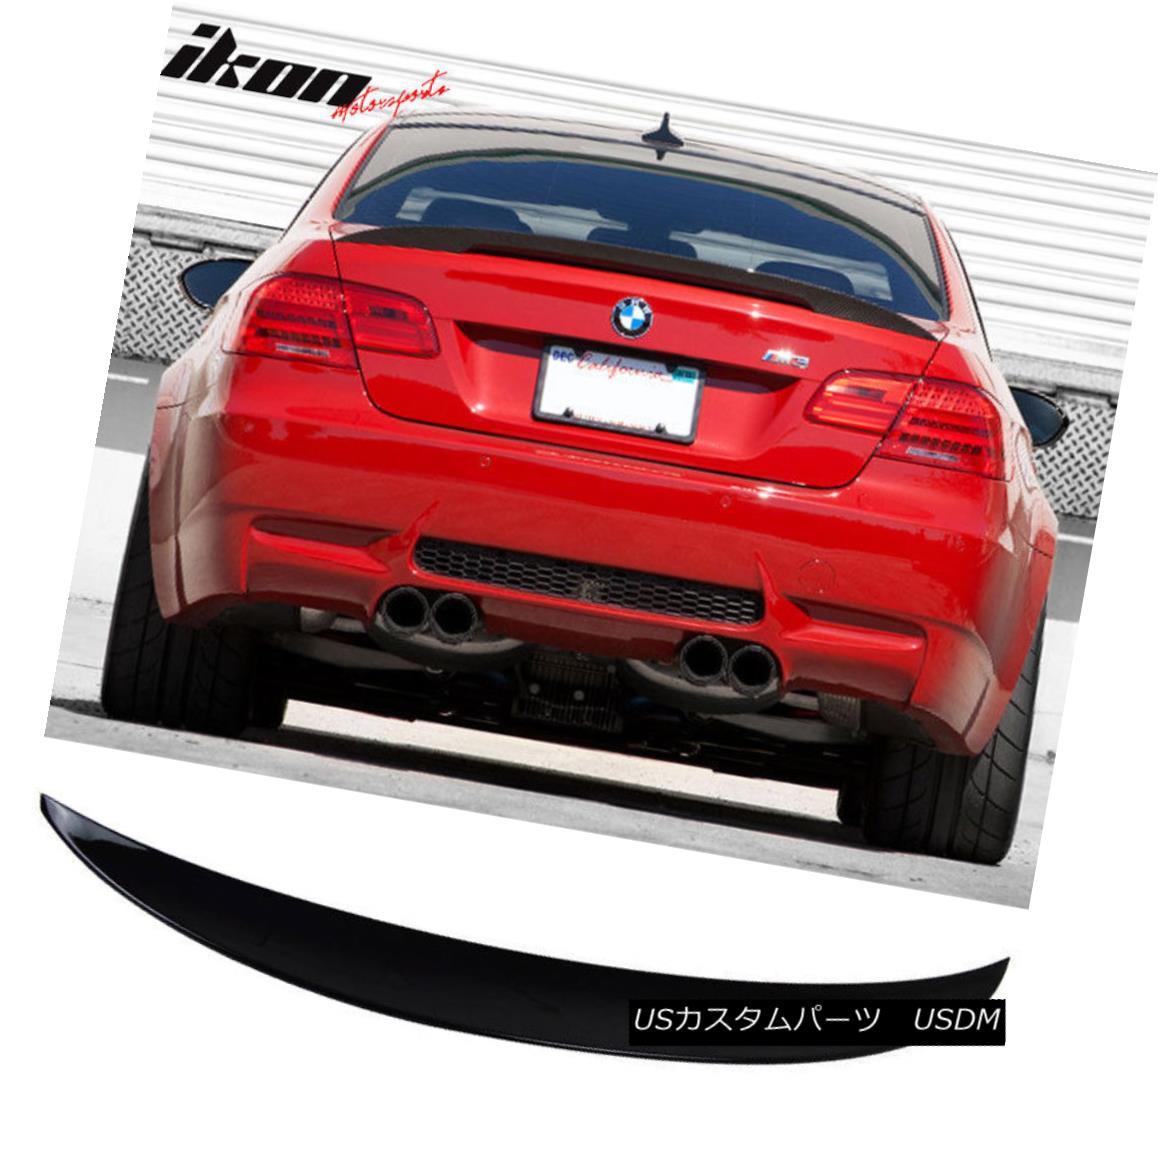 エアロパーツ 07-13 BMW 3-Series E92 2Dr Painted # 668 Jet Black Rear Trunk Spoiler Wing (ABS) 07-13 BMW 3シリーズE92 2Drペイント#668ジェットブラックリアトランクスポイラーウィング(ABS)